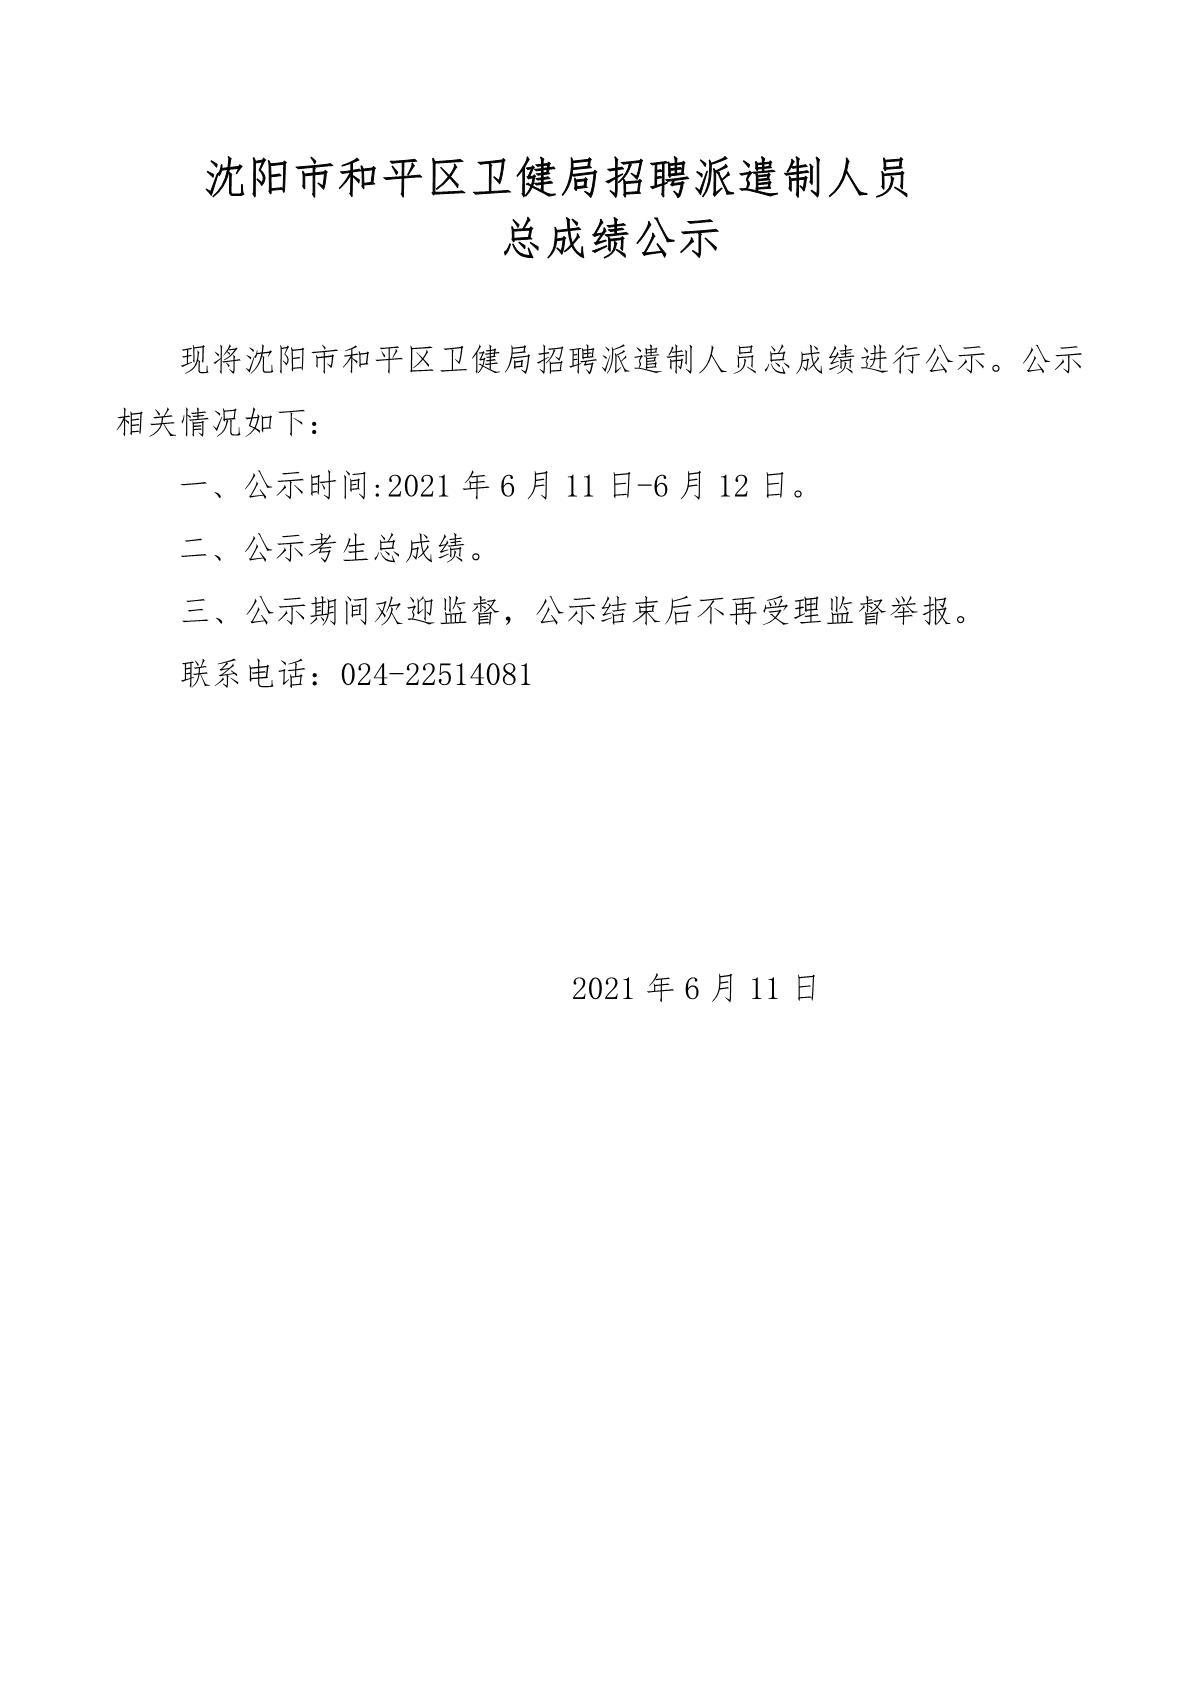 沈阳市和平区卫健局招聘派遣制人员 总成绩公示